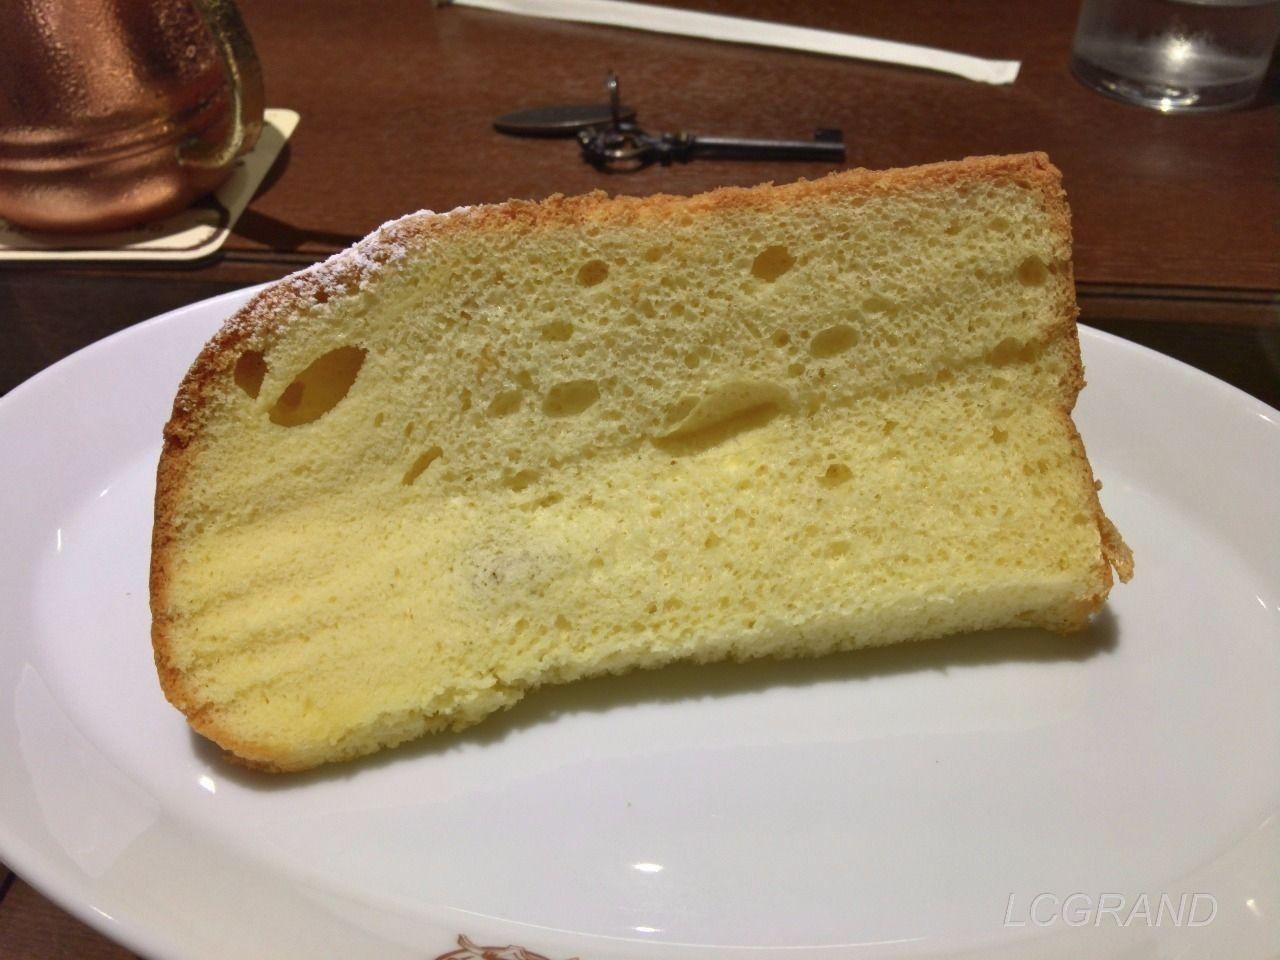 シフォンケーキのブックシフォンの裏側のスポンジケーキ